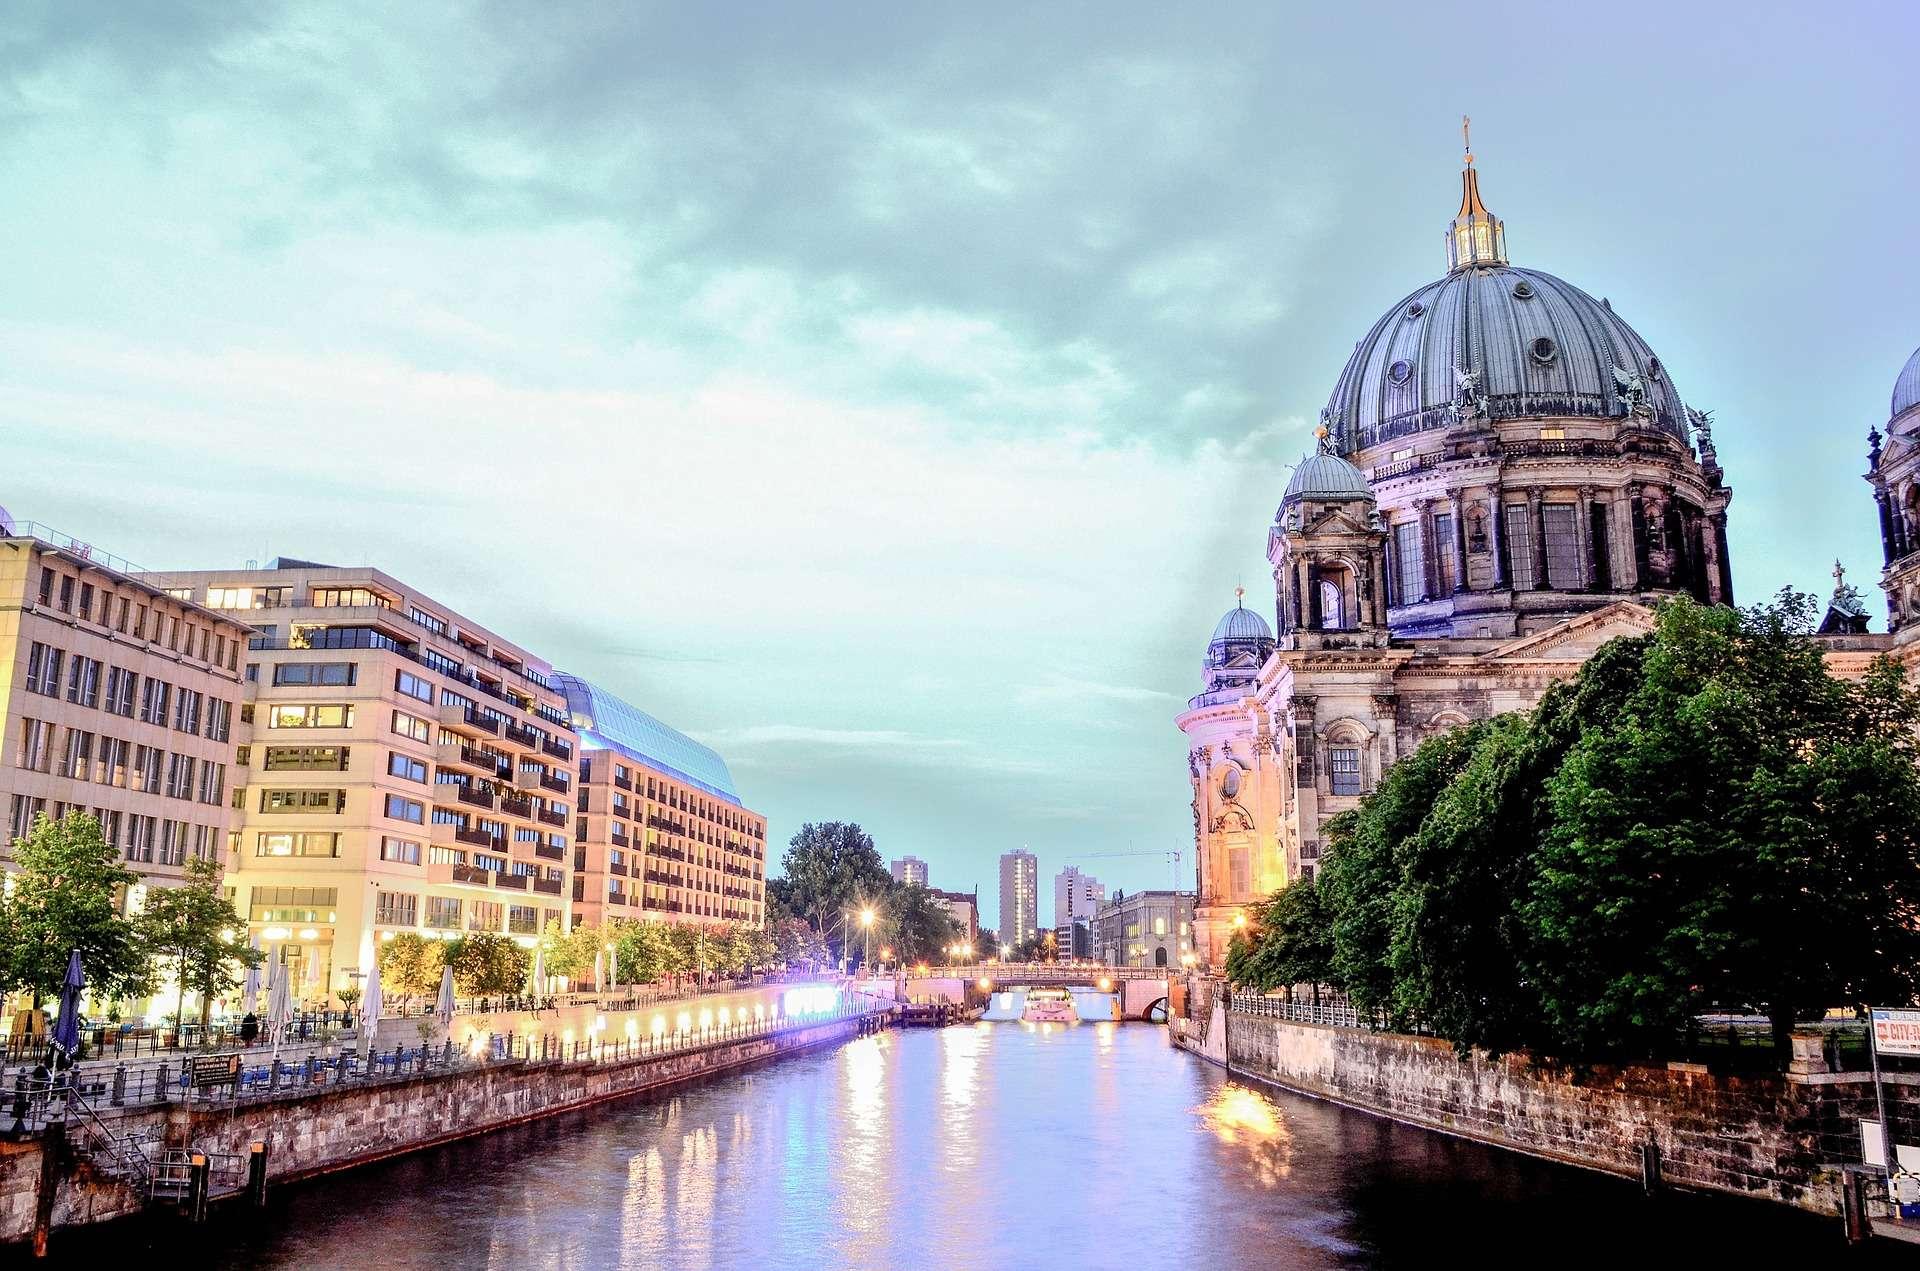 Direktflüge und Billigflüge ab Frankfurt nach Berlin-Tegel